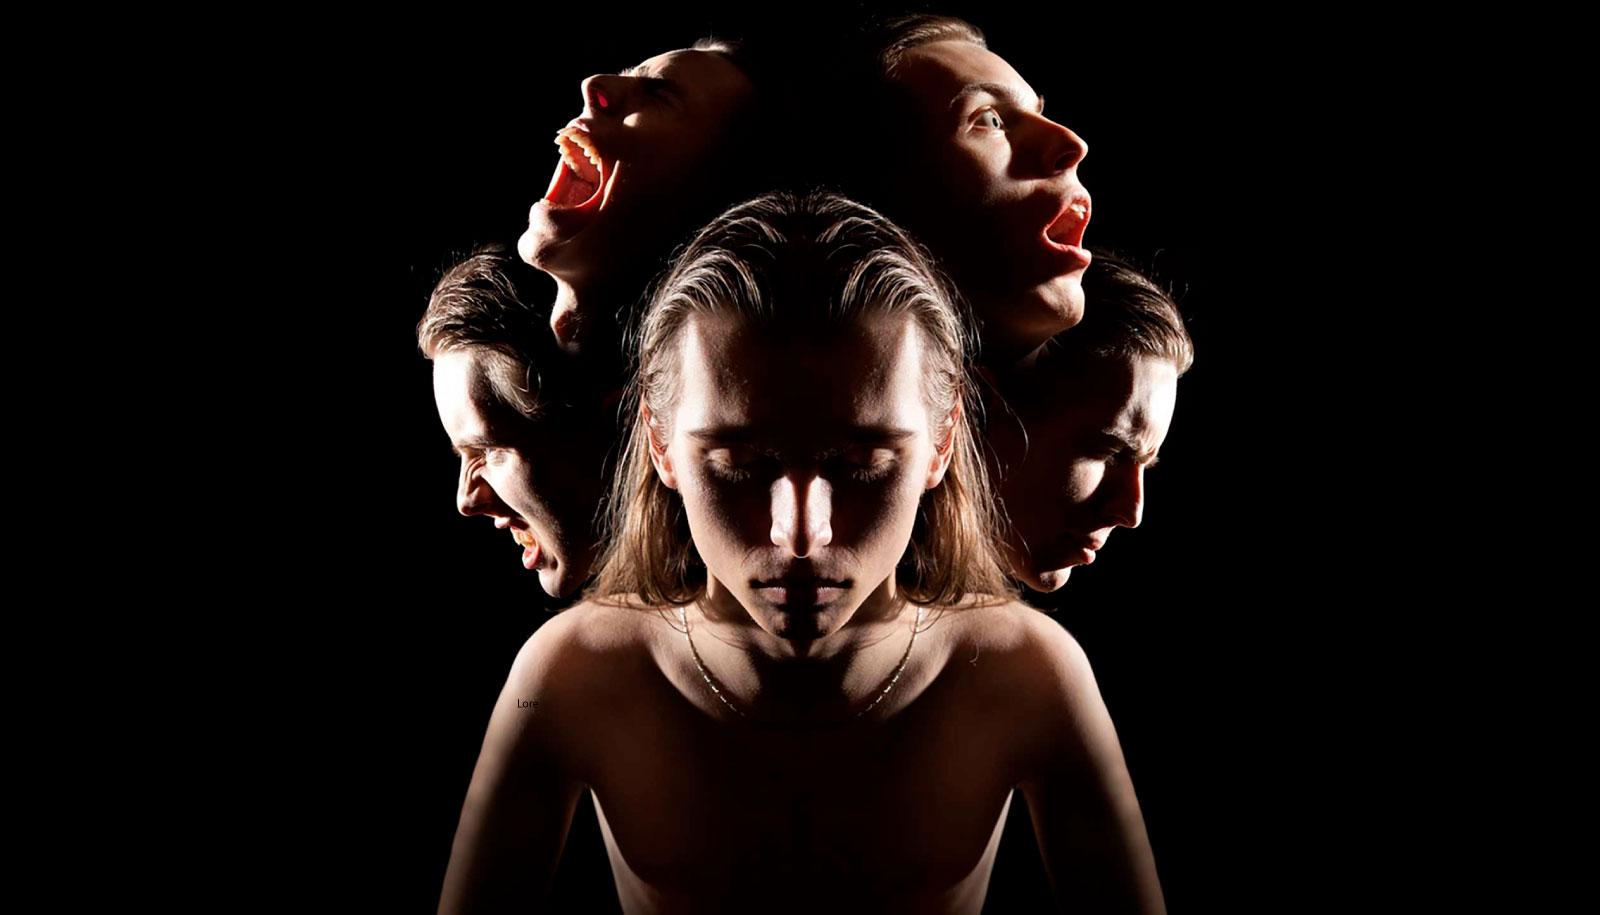 La expresividad emocional en el ámbito familiar en personas esquizofrénicas